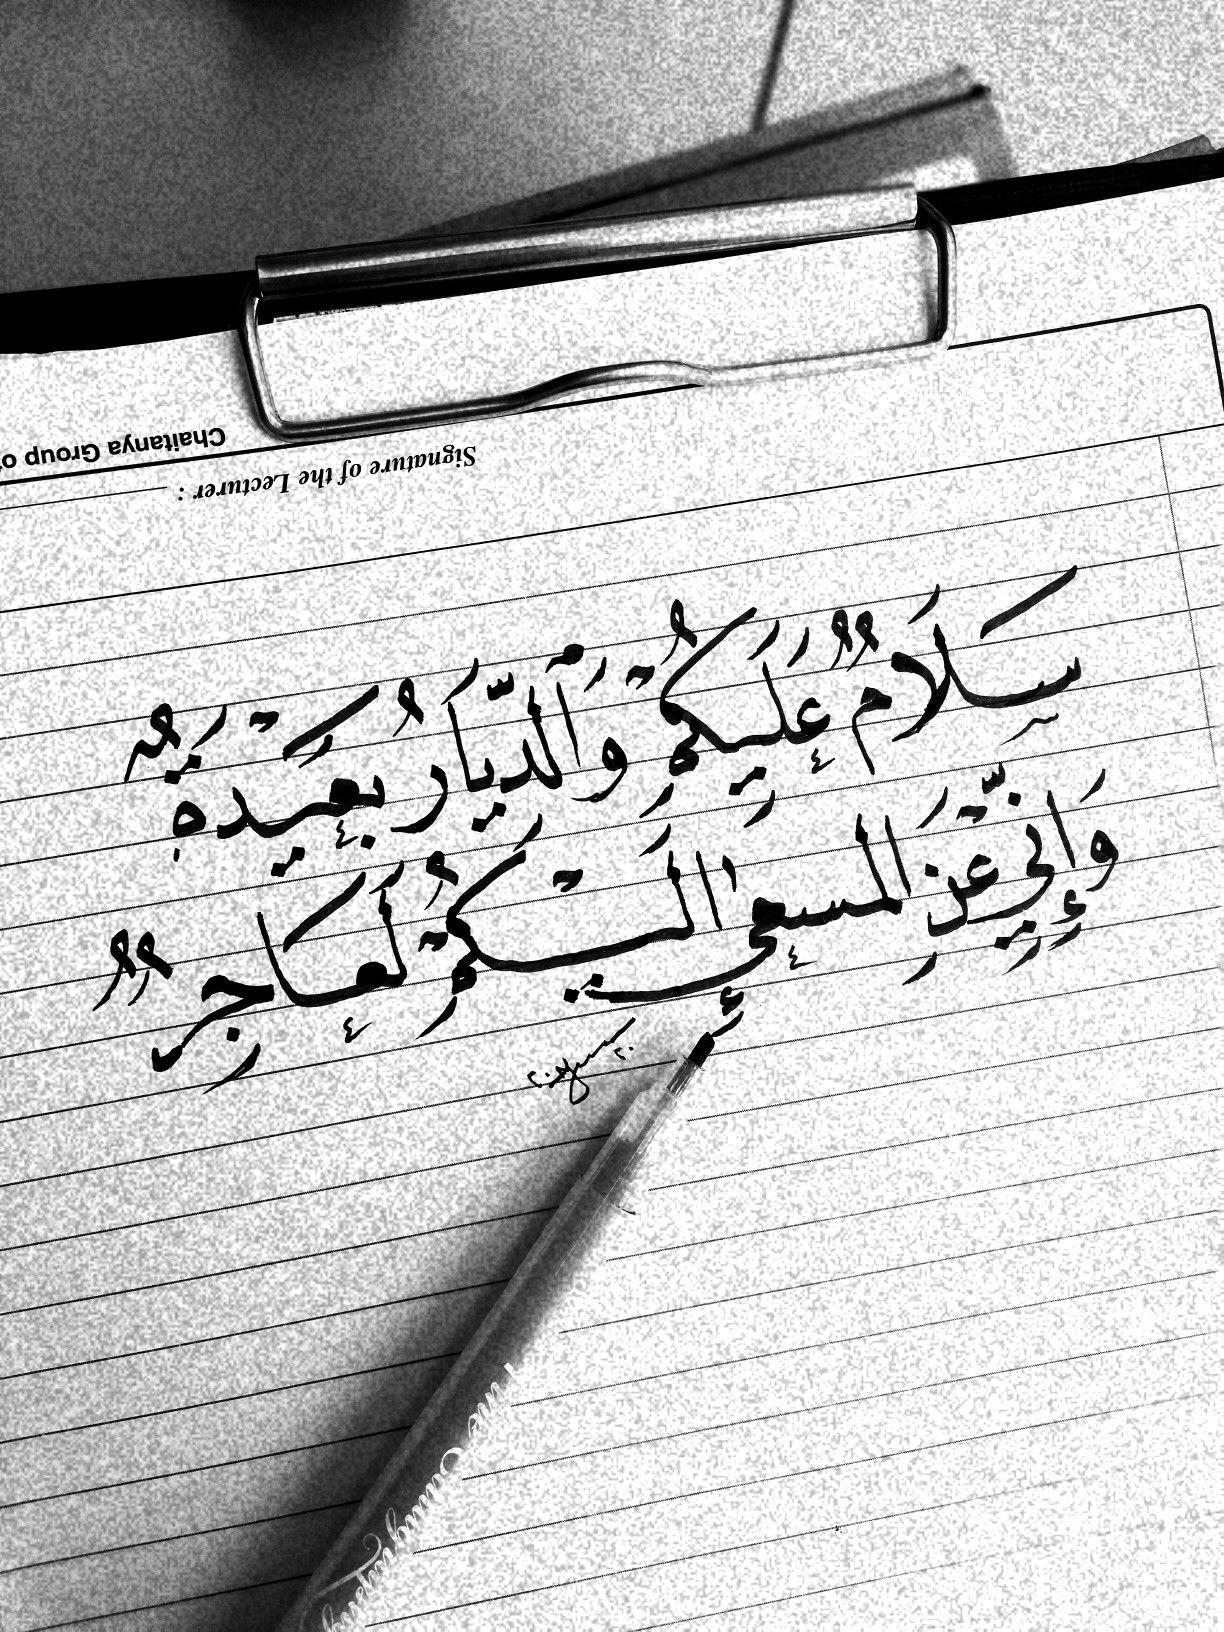 سلام عليكم والديار بعيدة و اني عن المسعى إليكم لعاجز Arabic Love Quotes Love Quotes Quotes